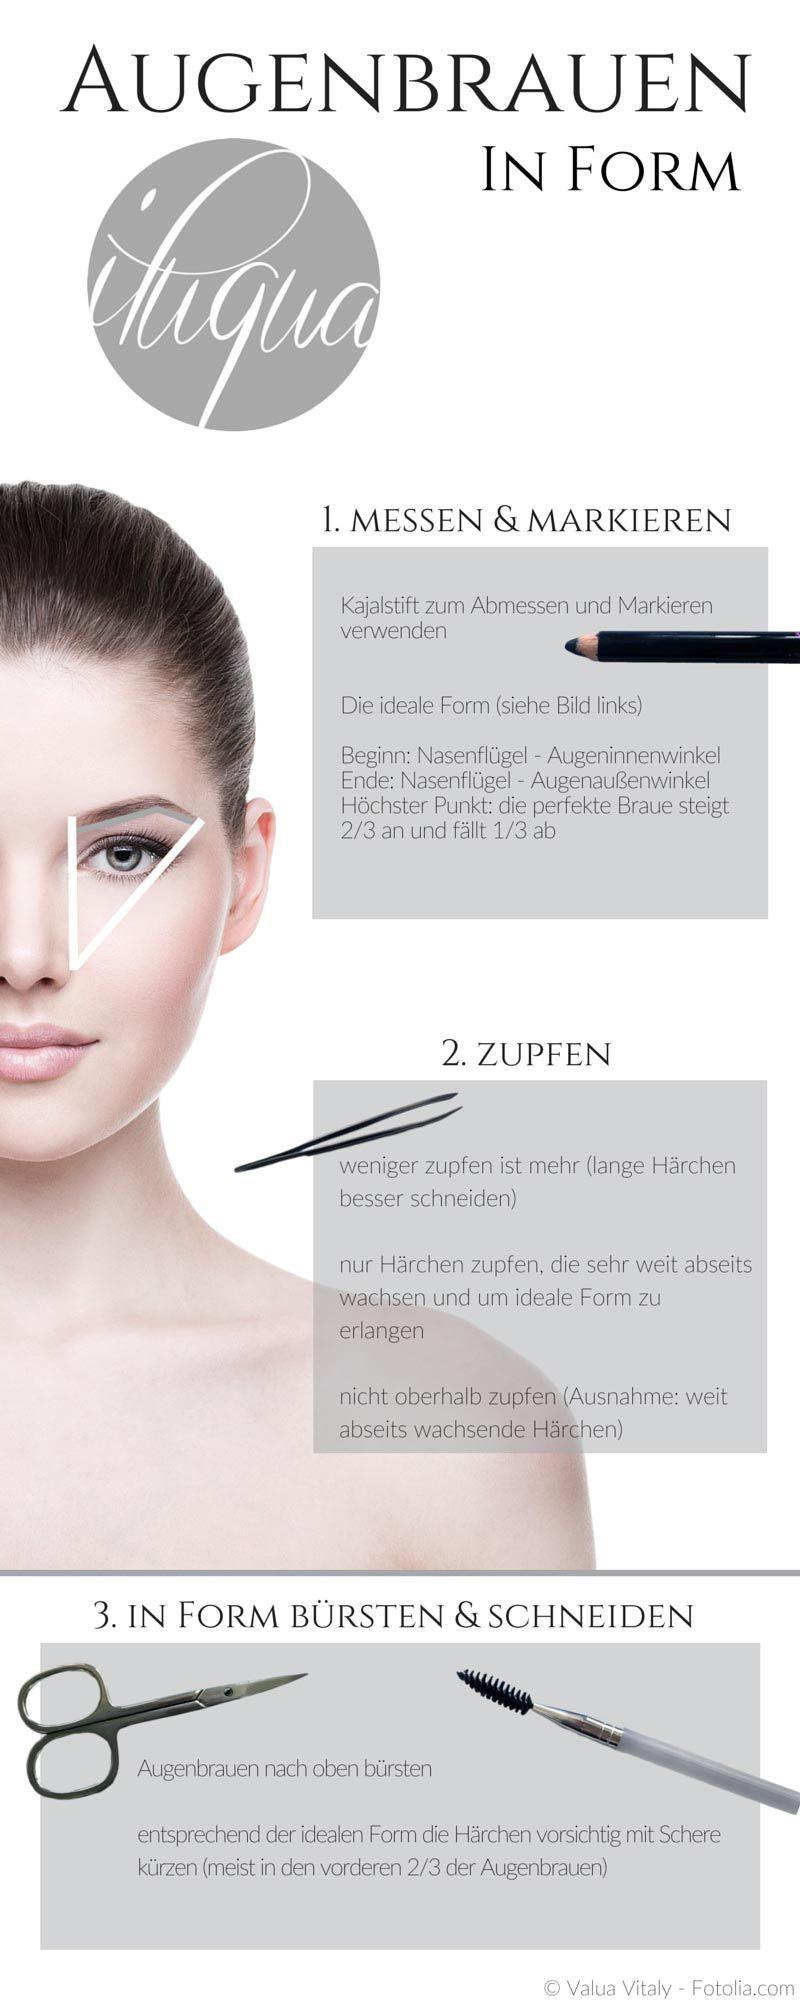 Augenbrauen rahmen dein Gesicht ein und formen deinen Ausdruck ...